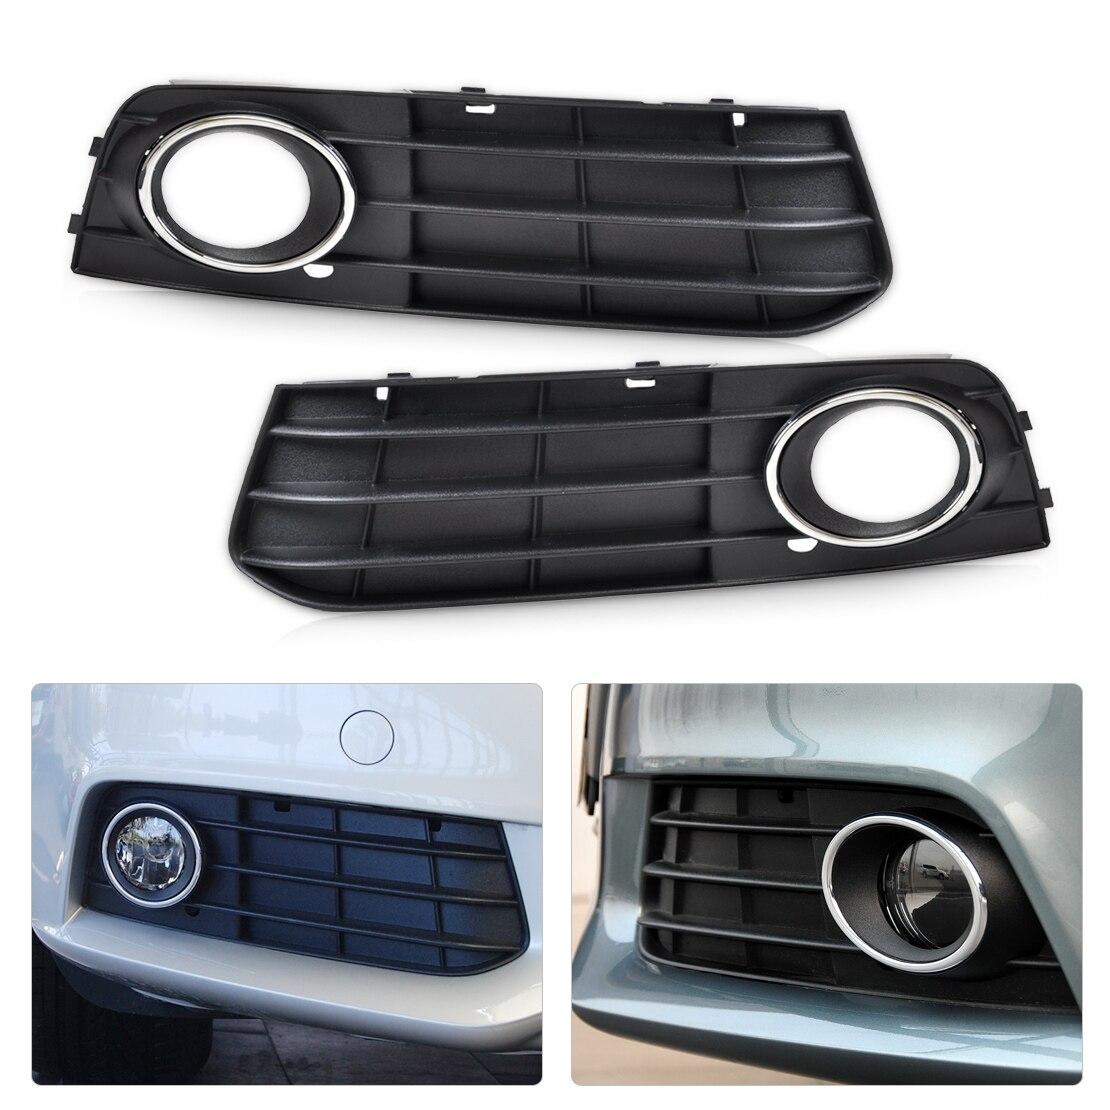 Beler Nouveau 2 Pcs ABS En Plastique Droite et Gauche Brouillard Lumière Lampe couverture Grille 8K0807682A01C pour Audi A4 B8 2008 2009 2010 2011 2012